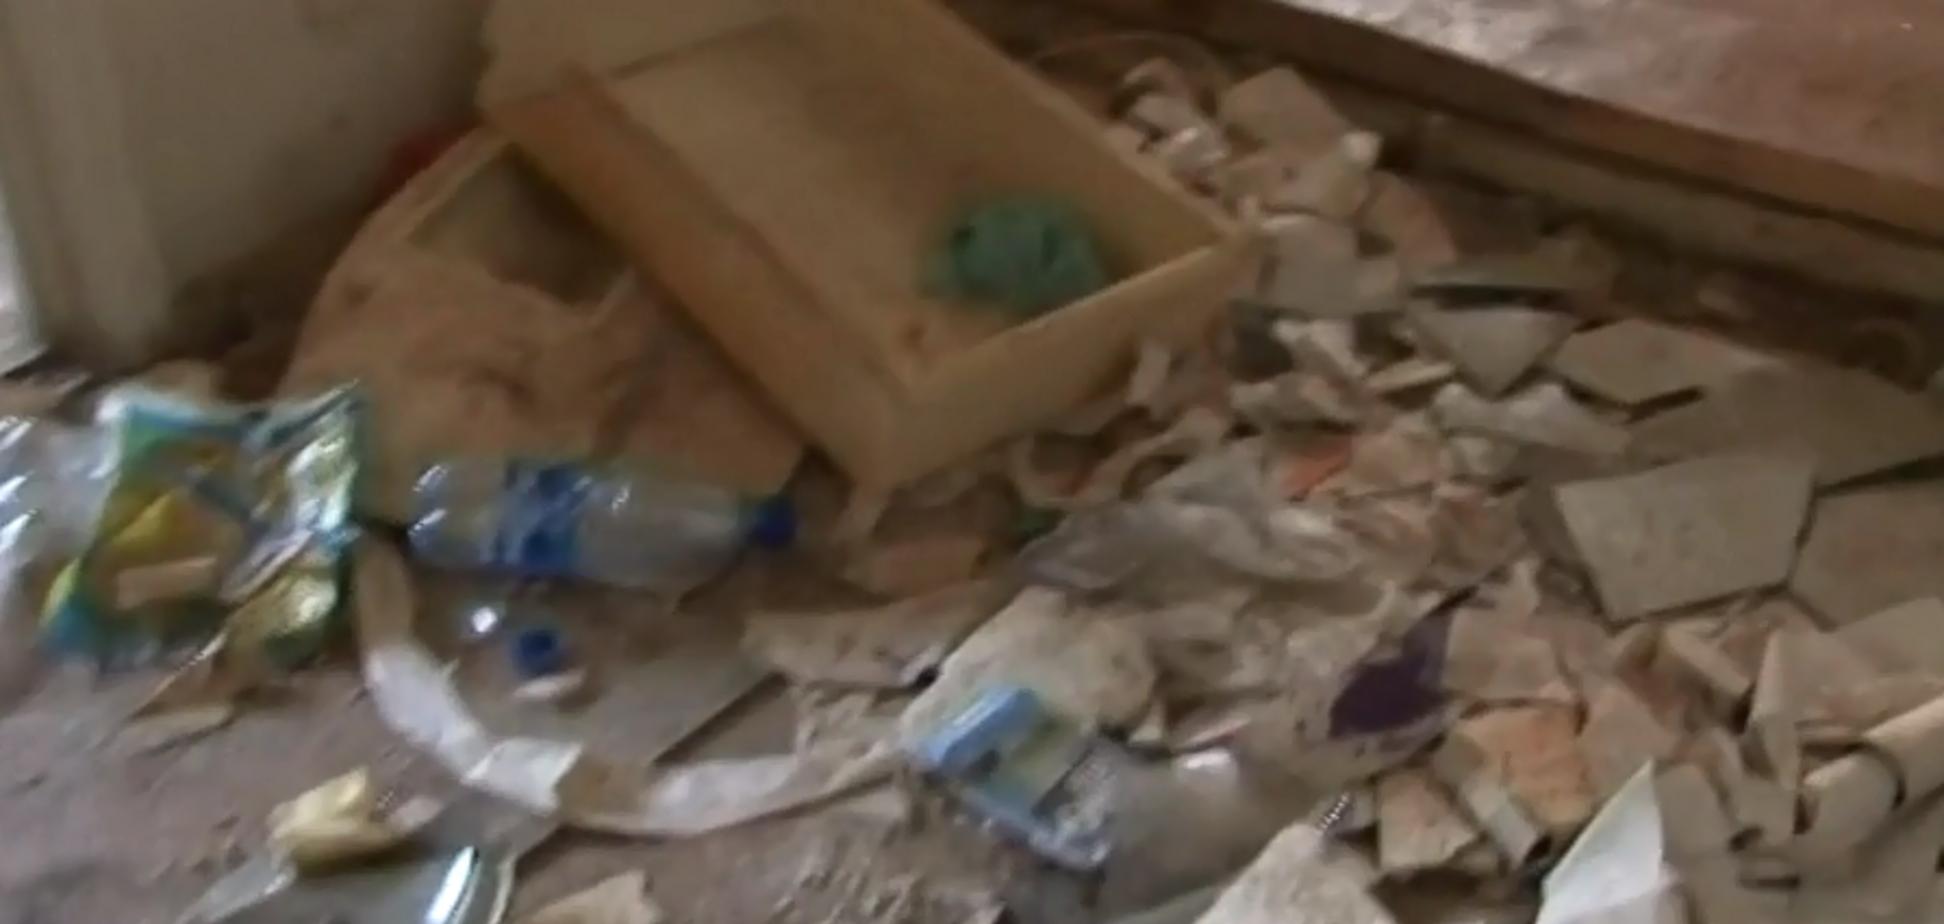 'Предлагали купить за 50 грн': под Харьковом школьники зверски изнасиловали 6-летнего мальчика